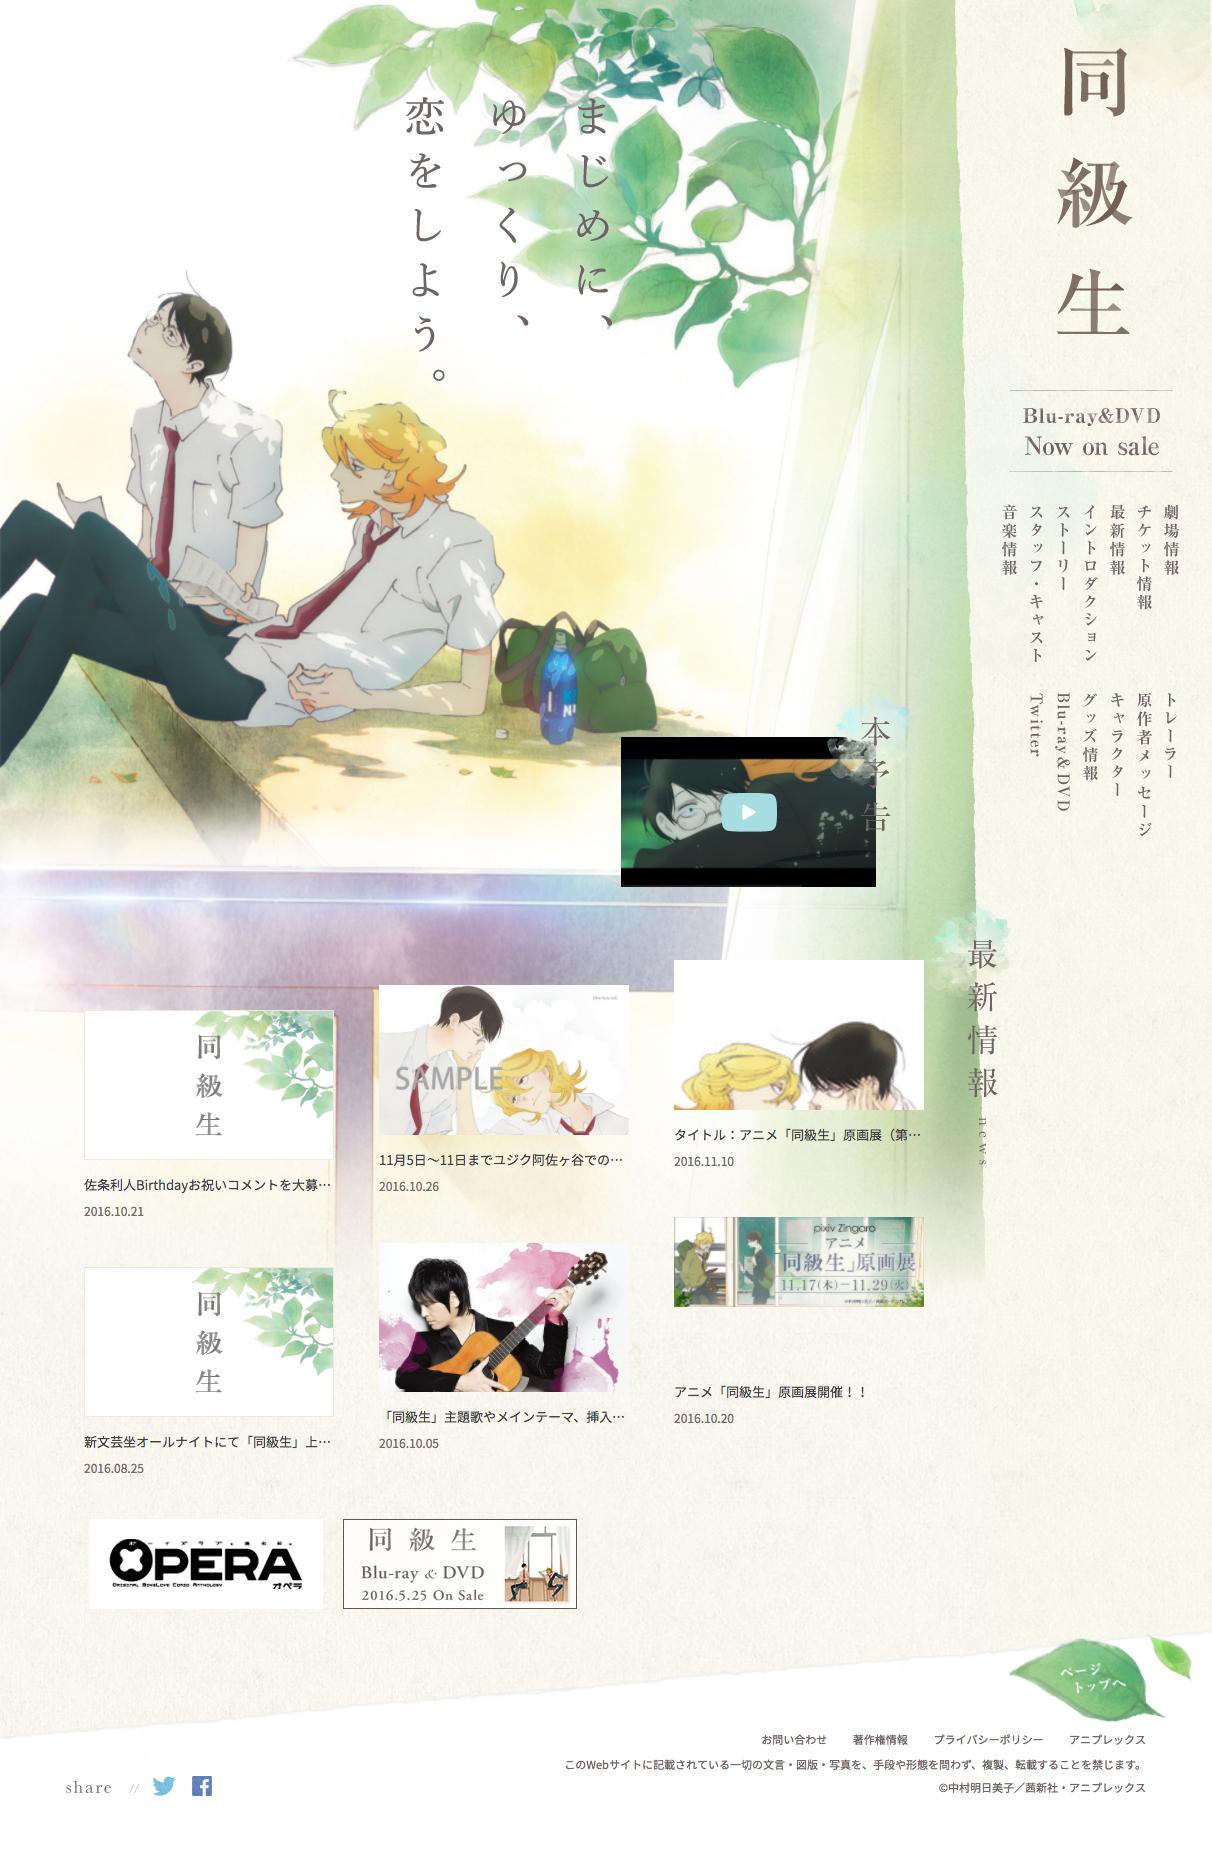 アニメ 同級生 オフィシャルサイト ウェブデザイン webデザイン アニメ